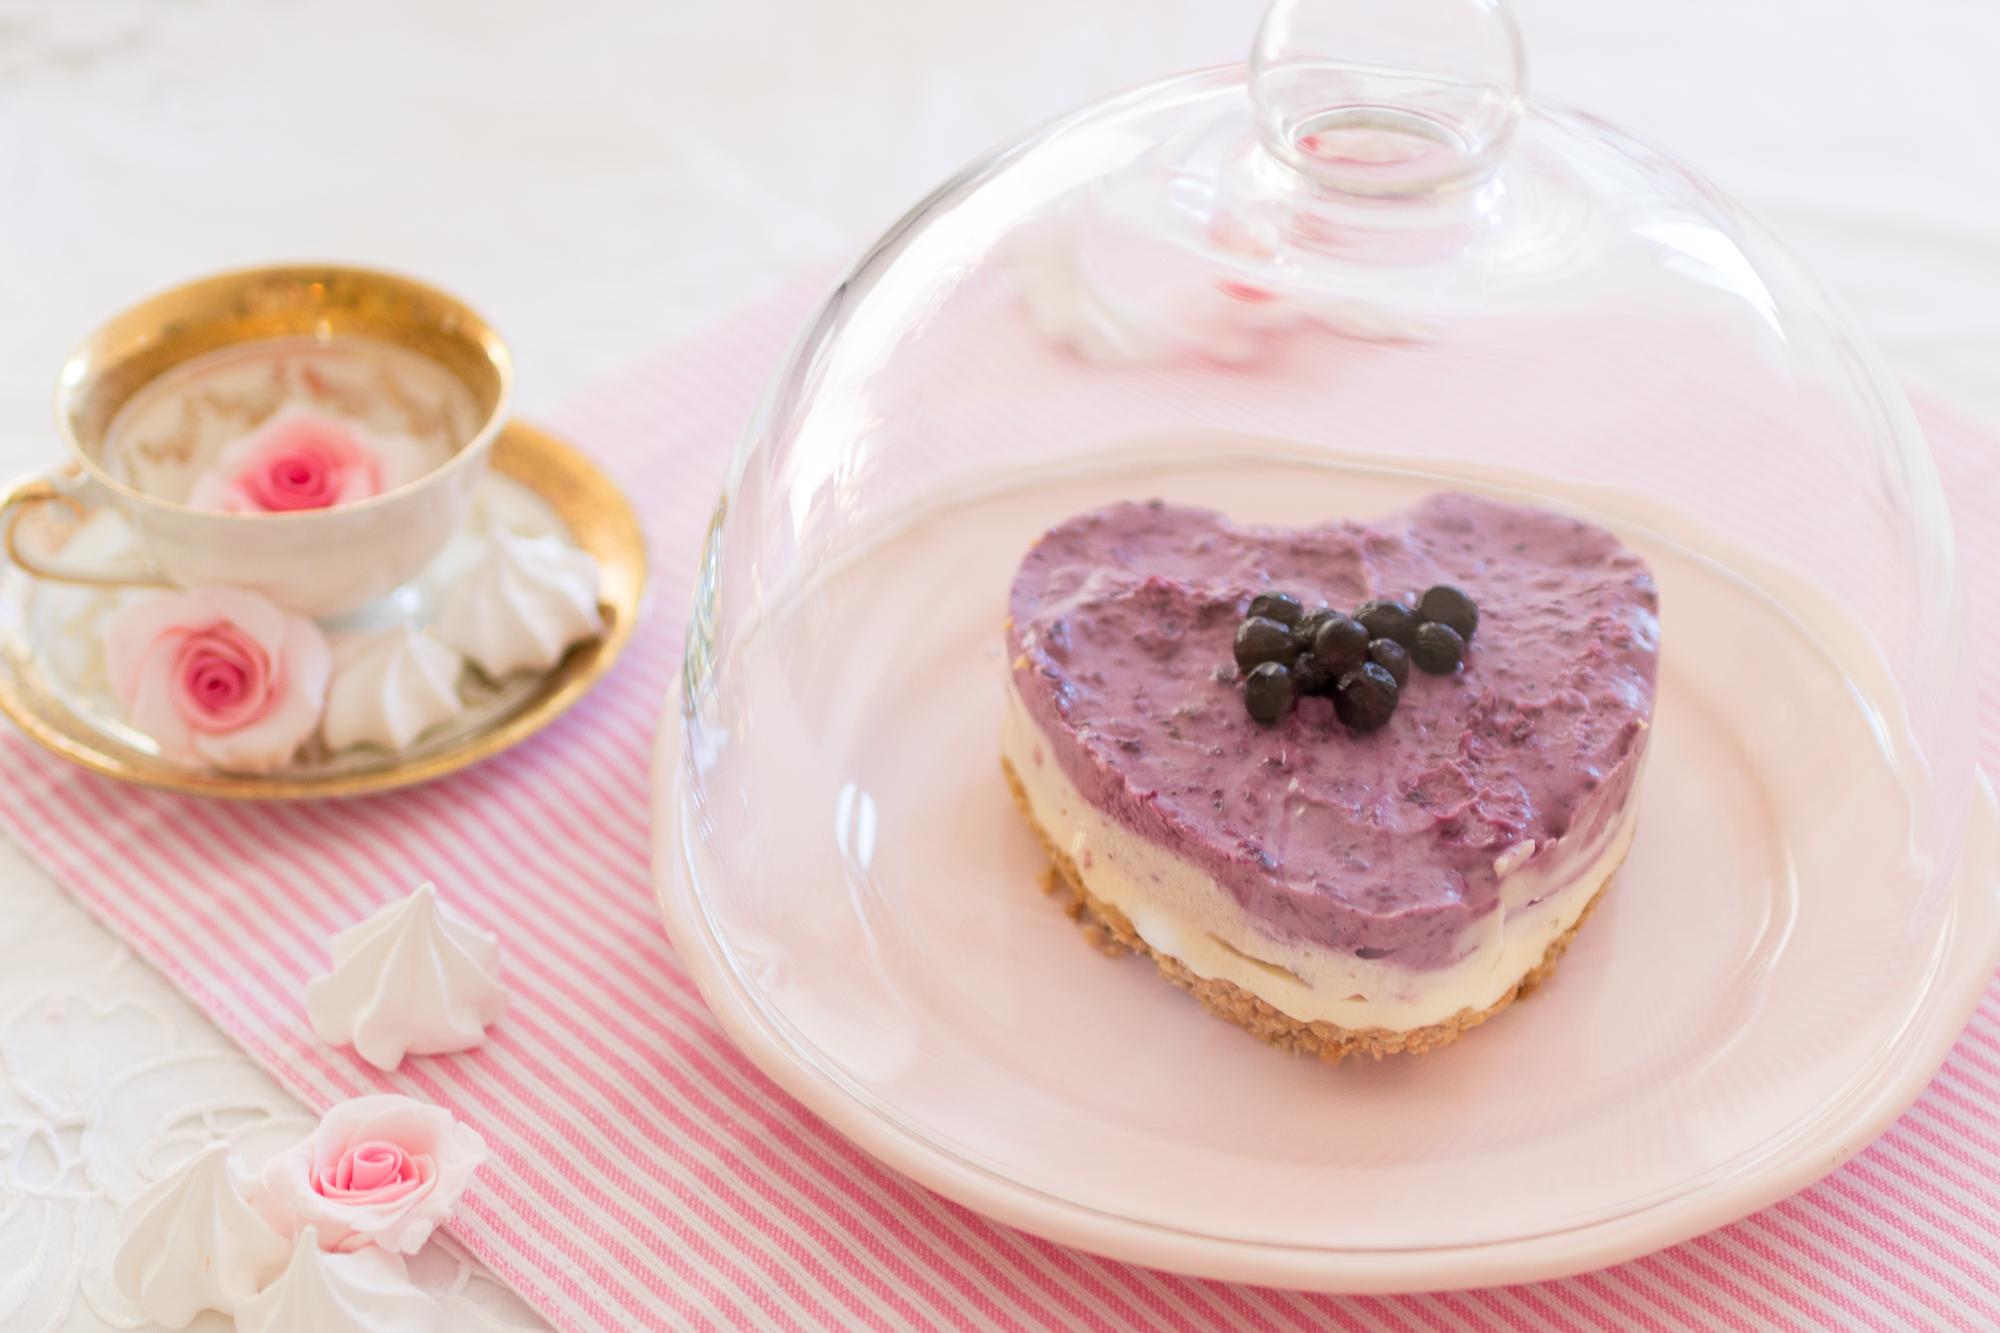 Frischkase Torte Mit Blaubeeren Nobake Tortchen Mit Keksboden